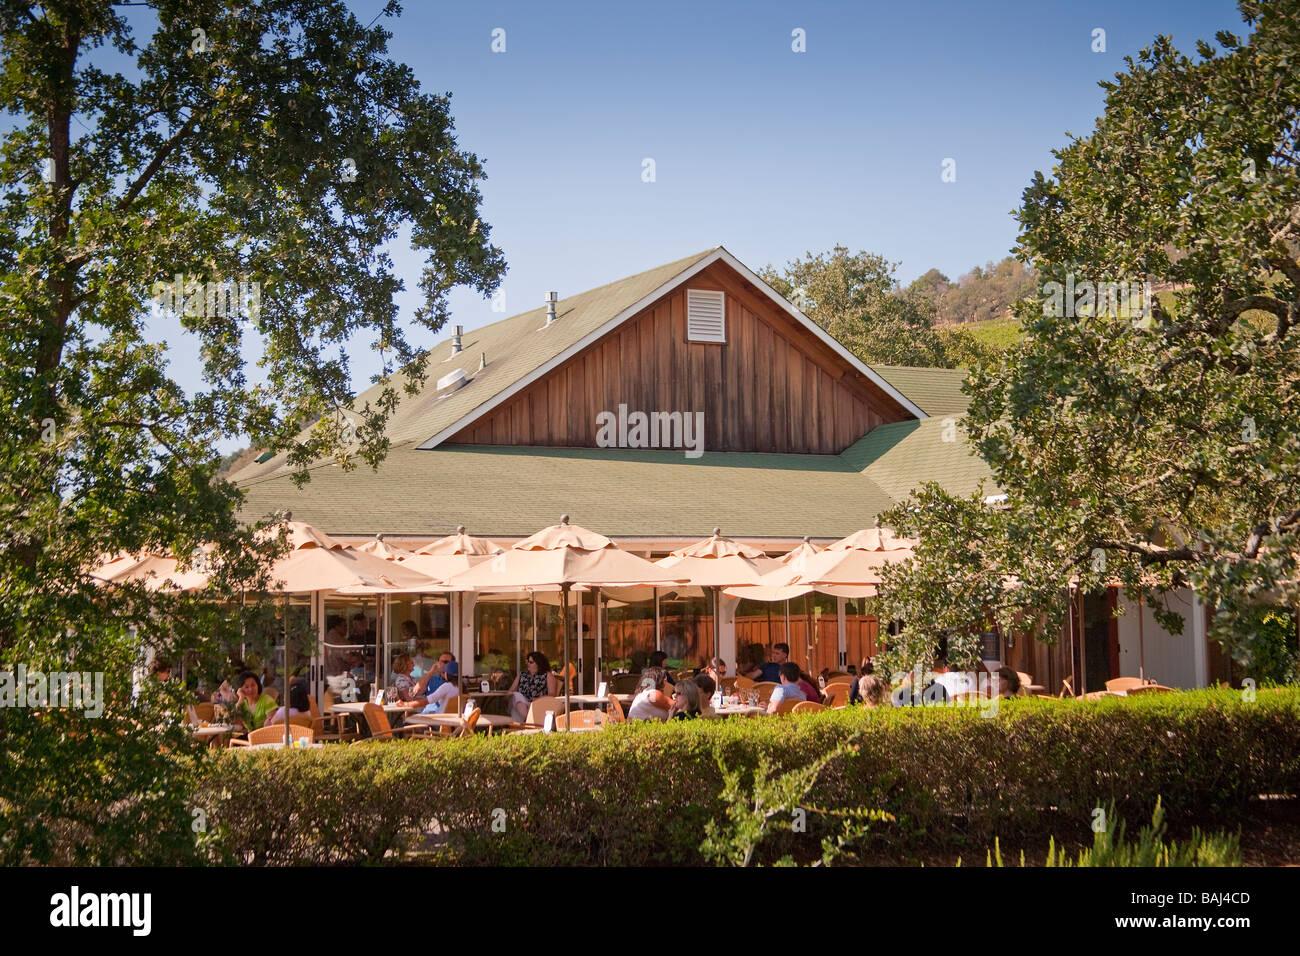 Schön Amerikanische Terrasse Referenz Von Champagner Verkostung An Mumm Napa Valley Napa